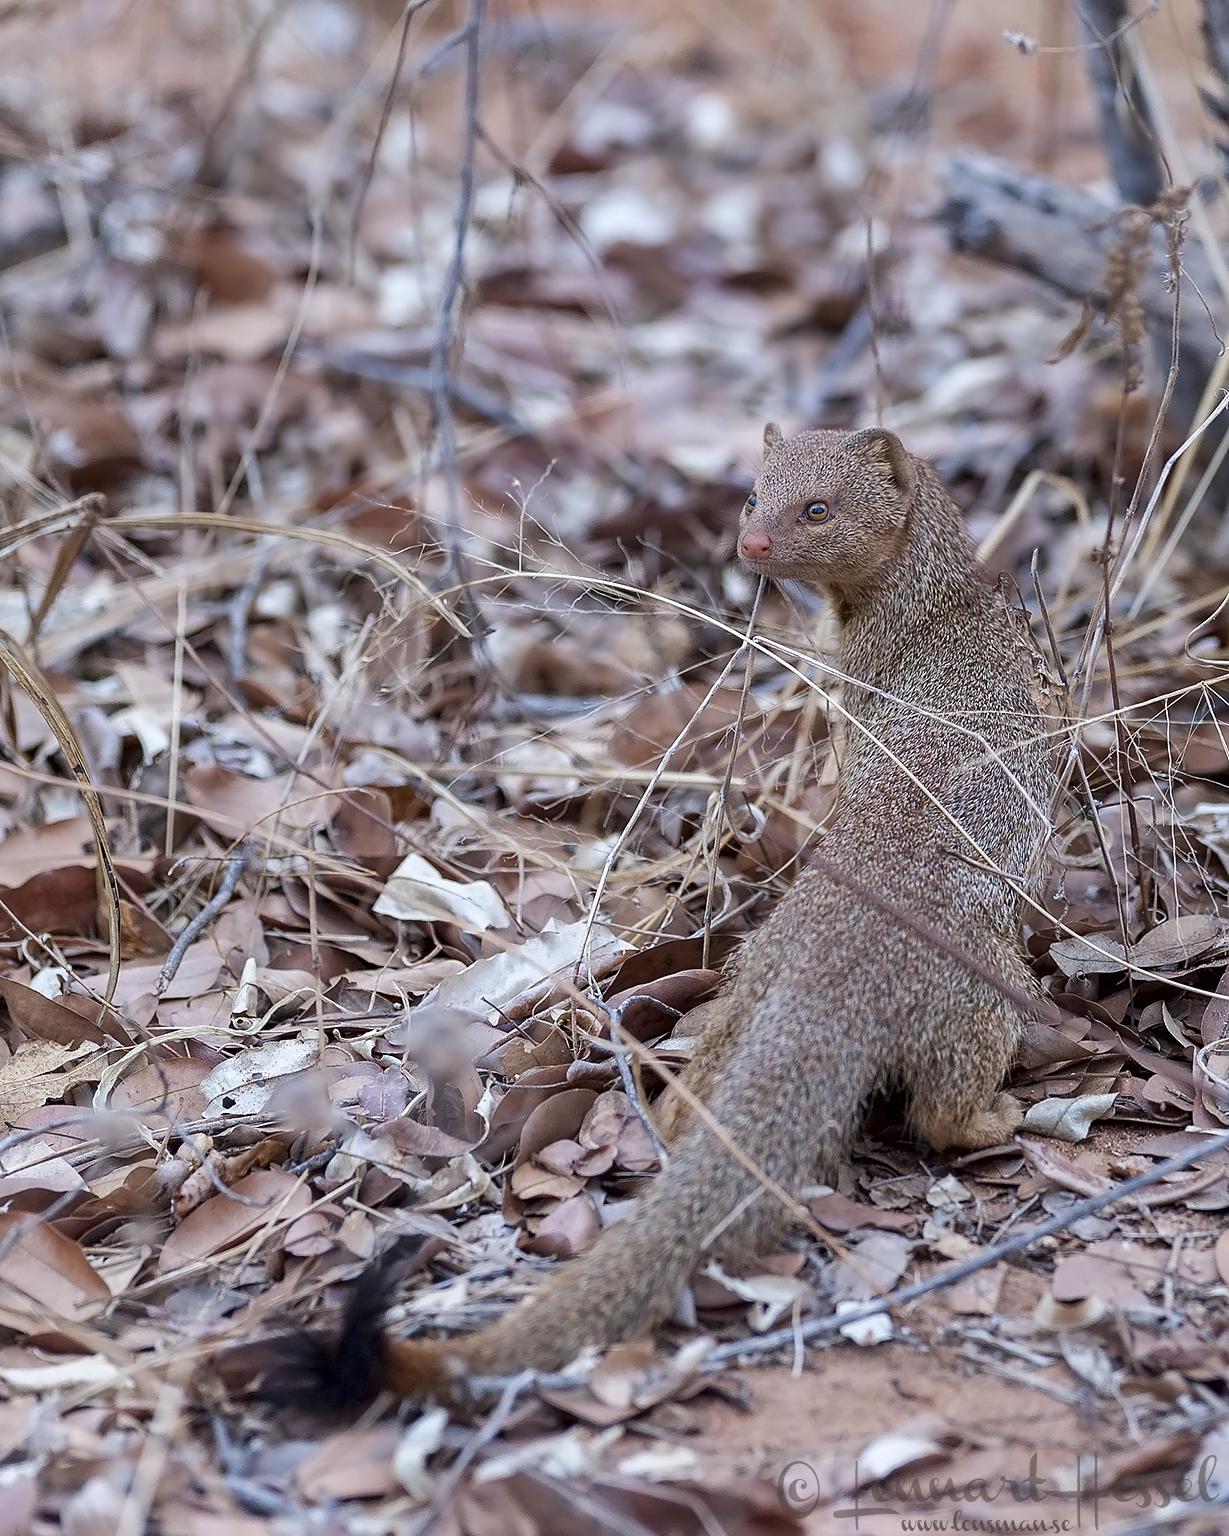 Yellow mongoose in Chobe River area, Botswana